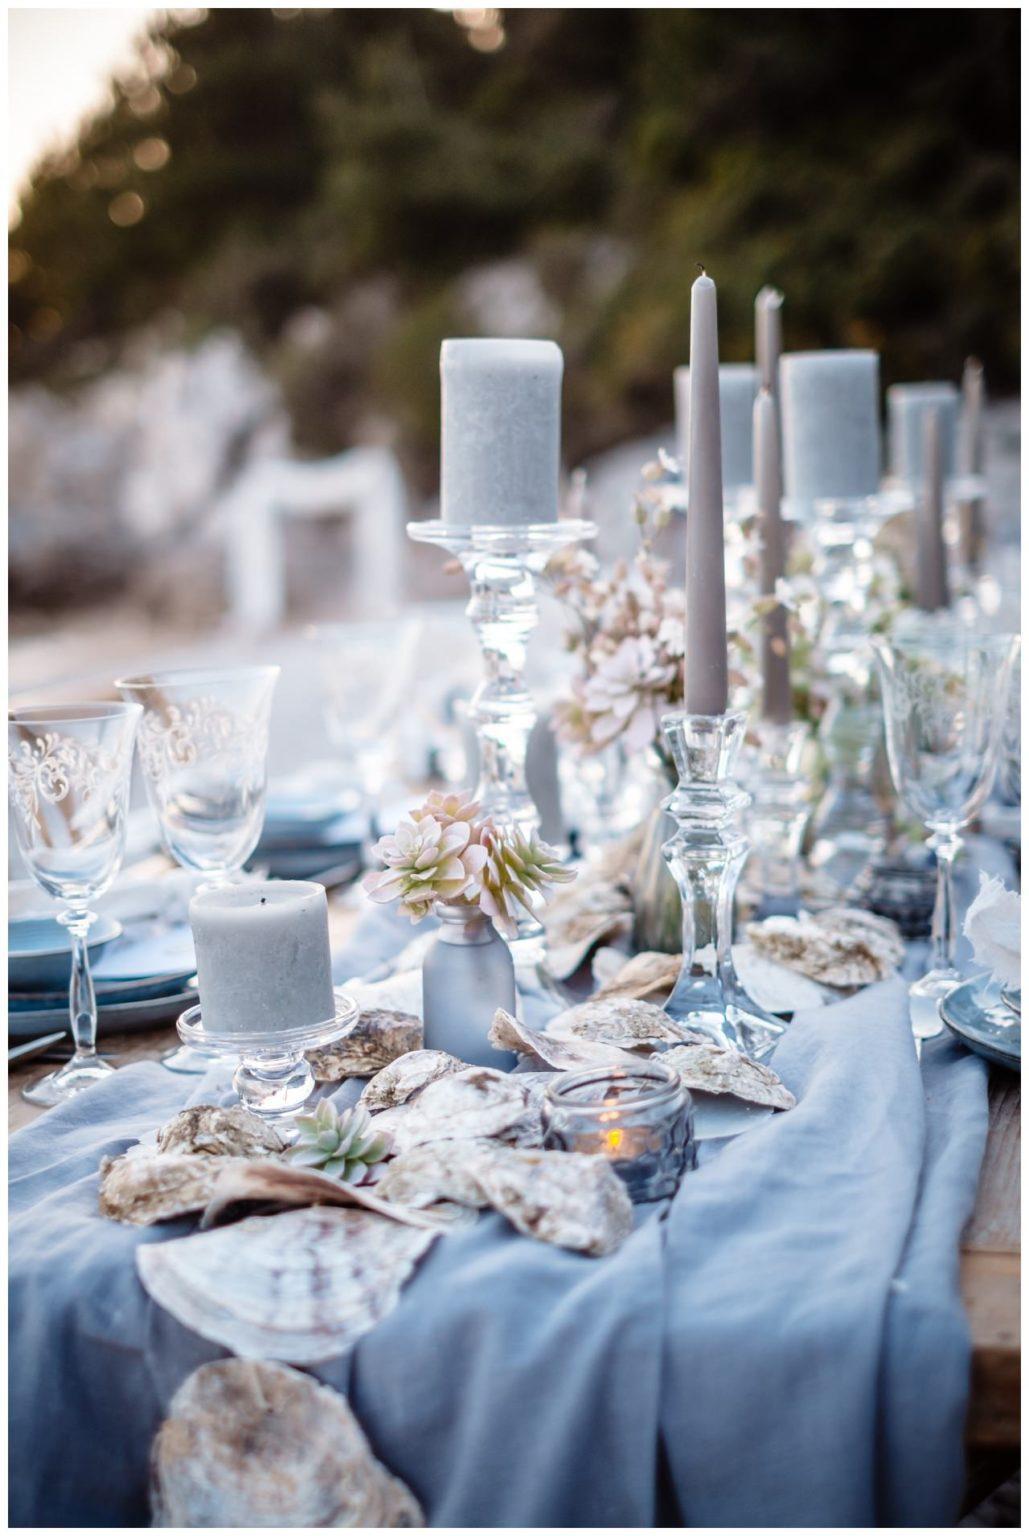 Hochzeit Strand Kroatien Hochzetsplanung Hochzeitsplaner Fotograf 36 - Kleine Hochzeit am Strand